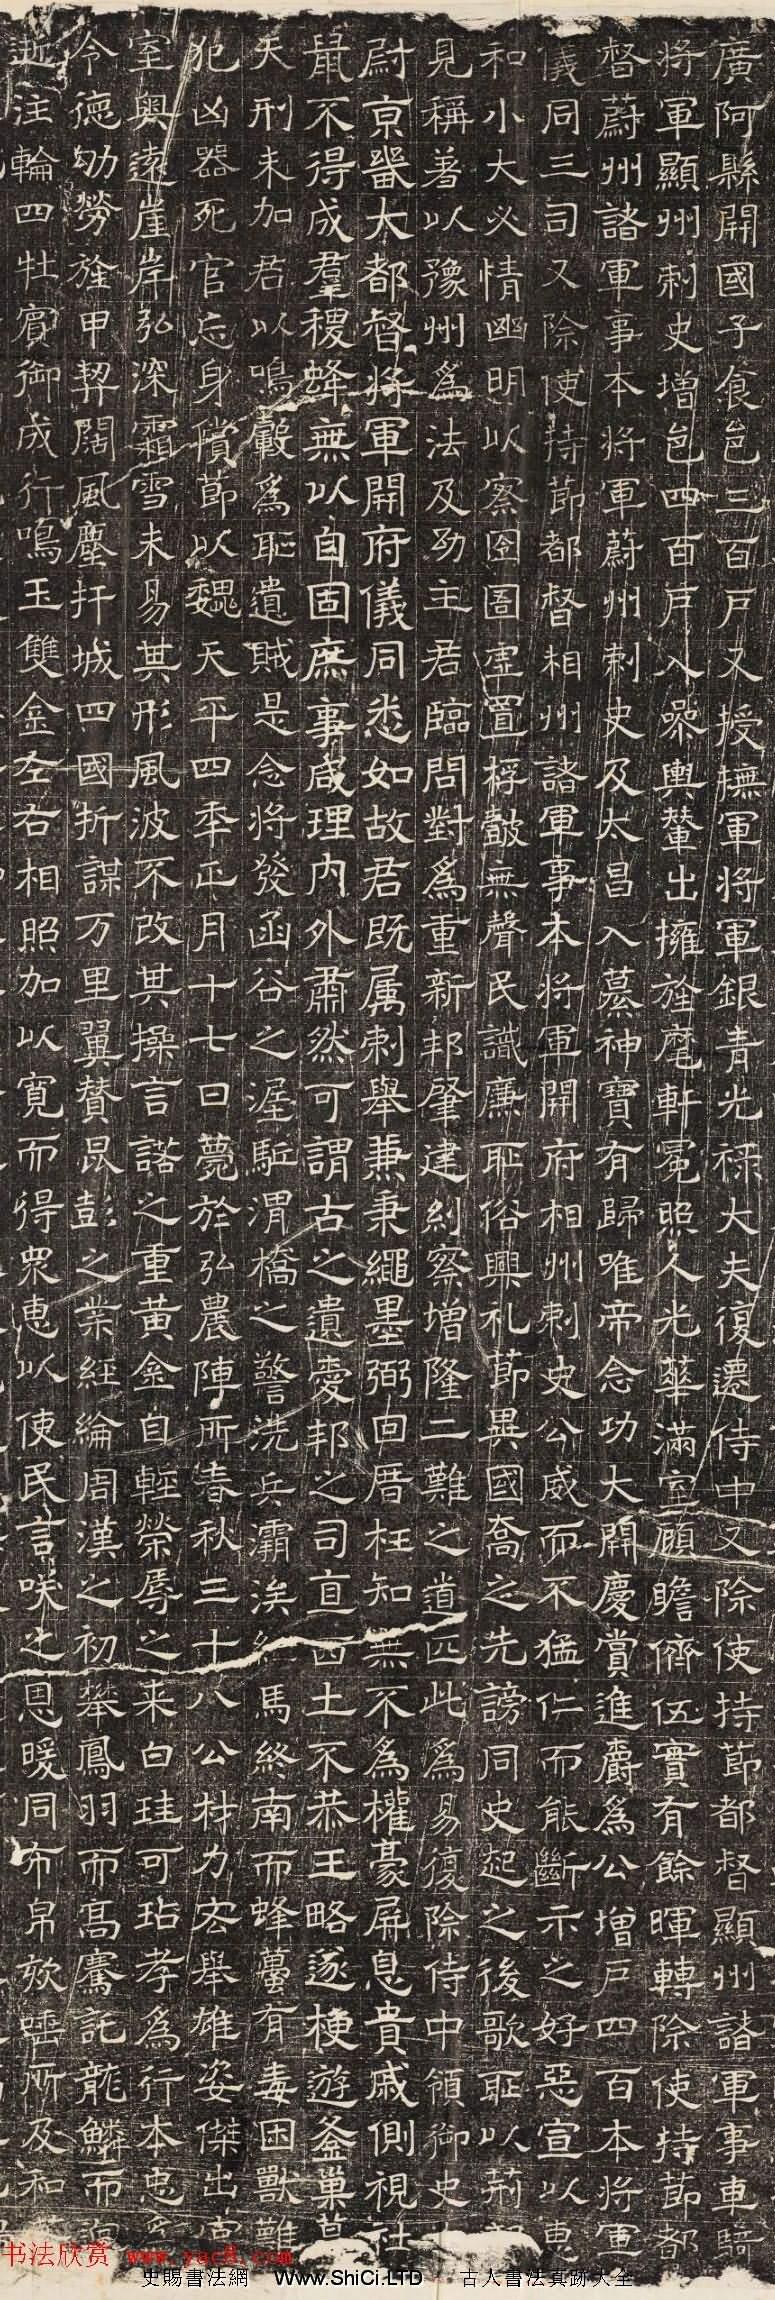 北齊隸書石刻欣賞《竇泰墓誌》民國拓本